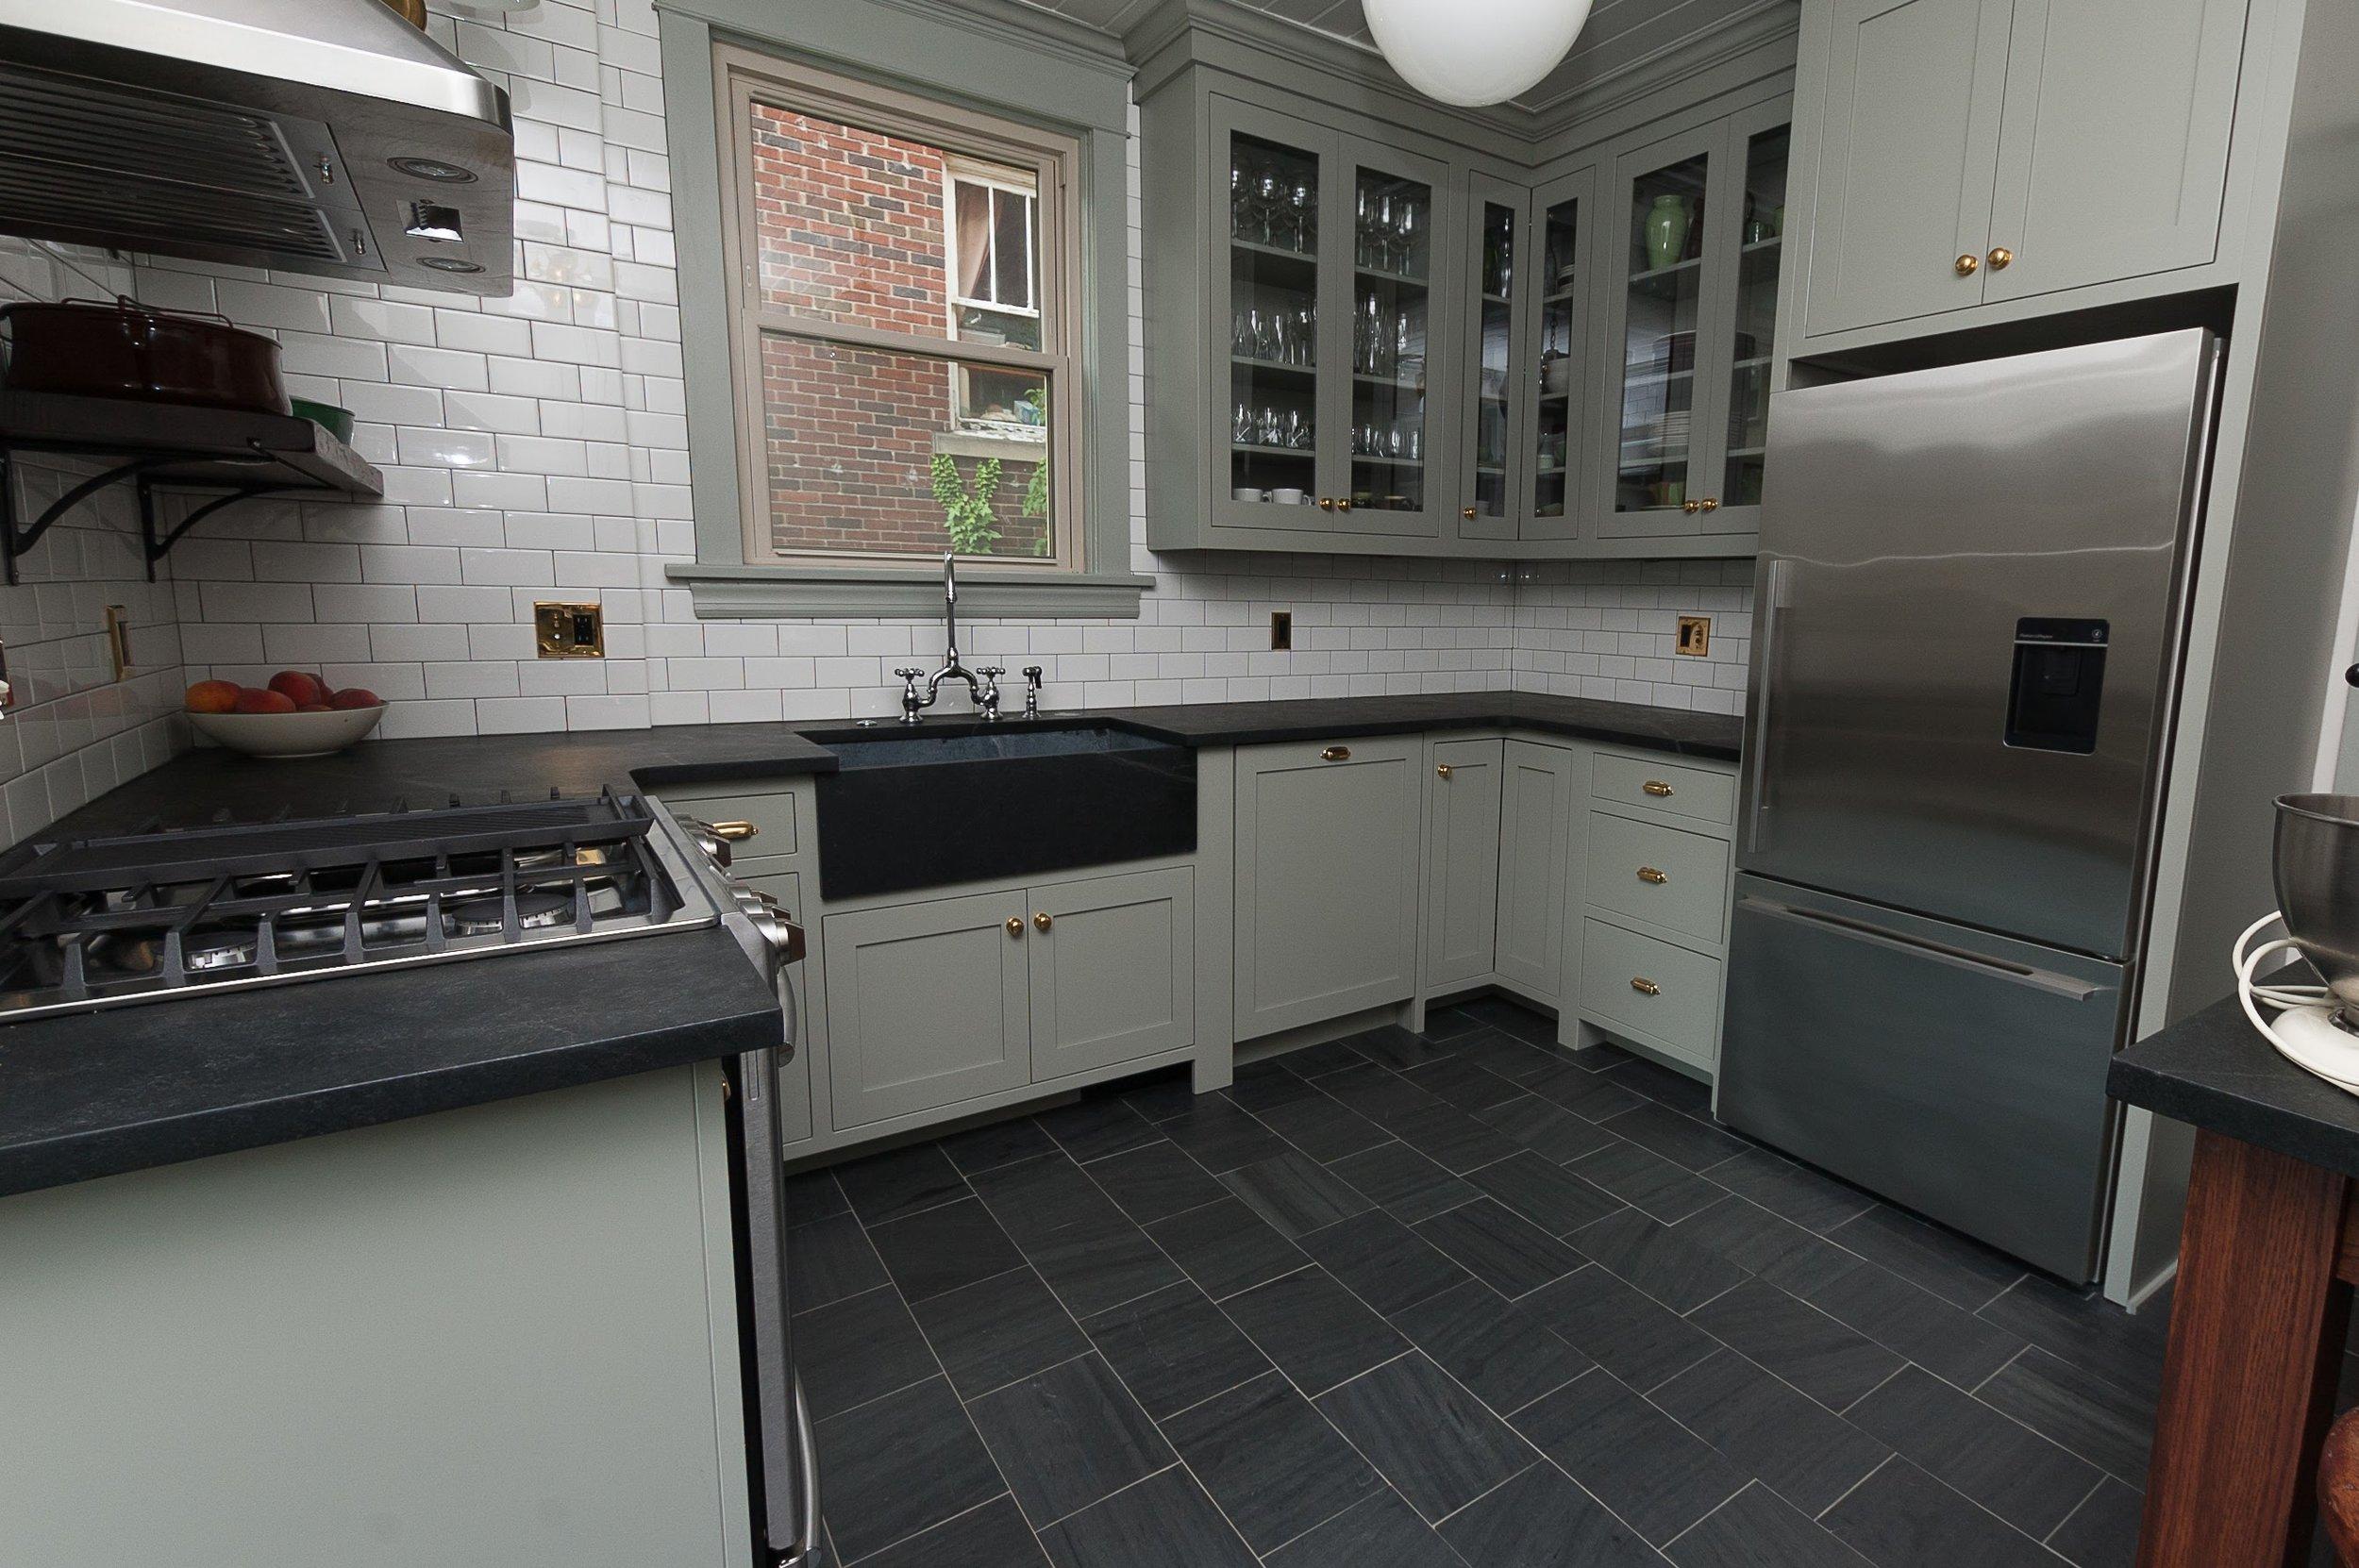 full view - sink & fridge.jpg